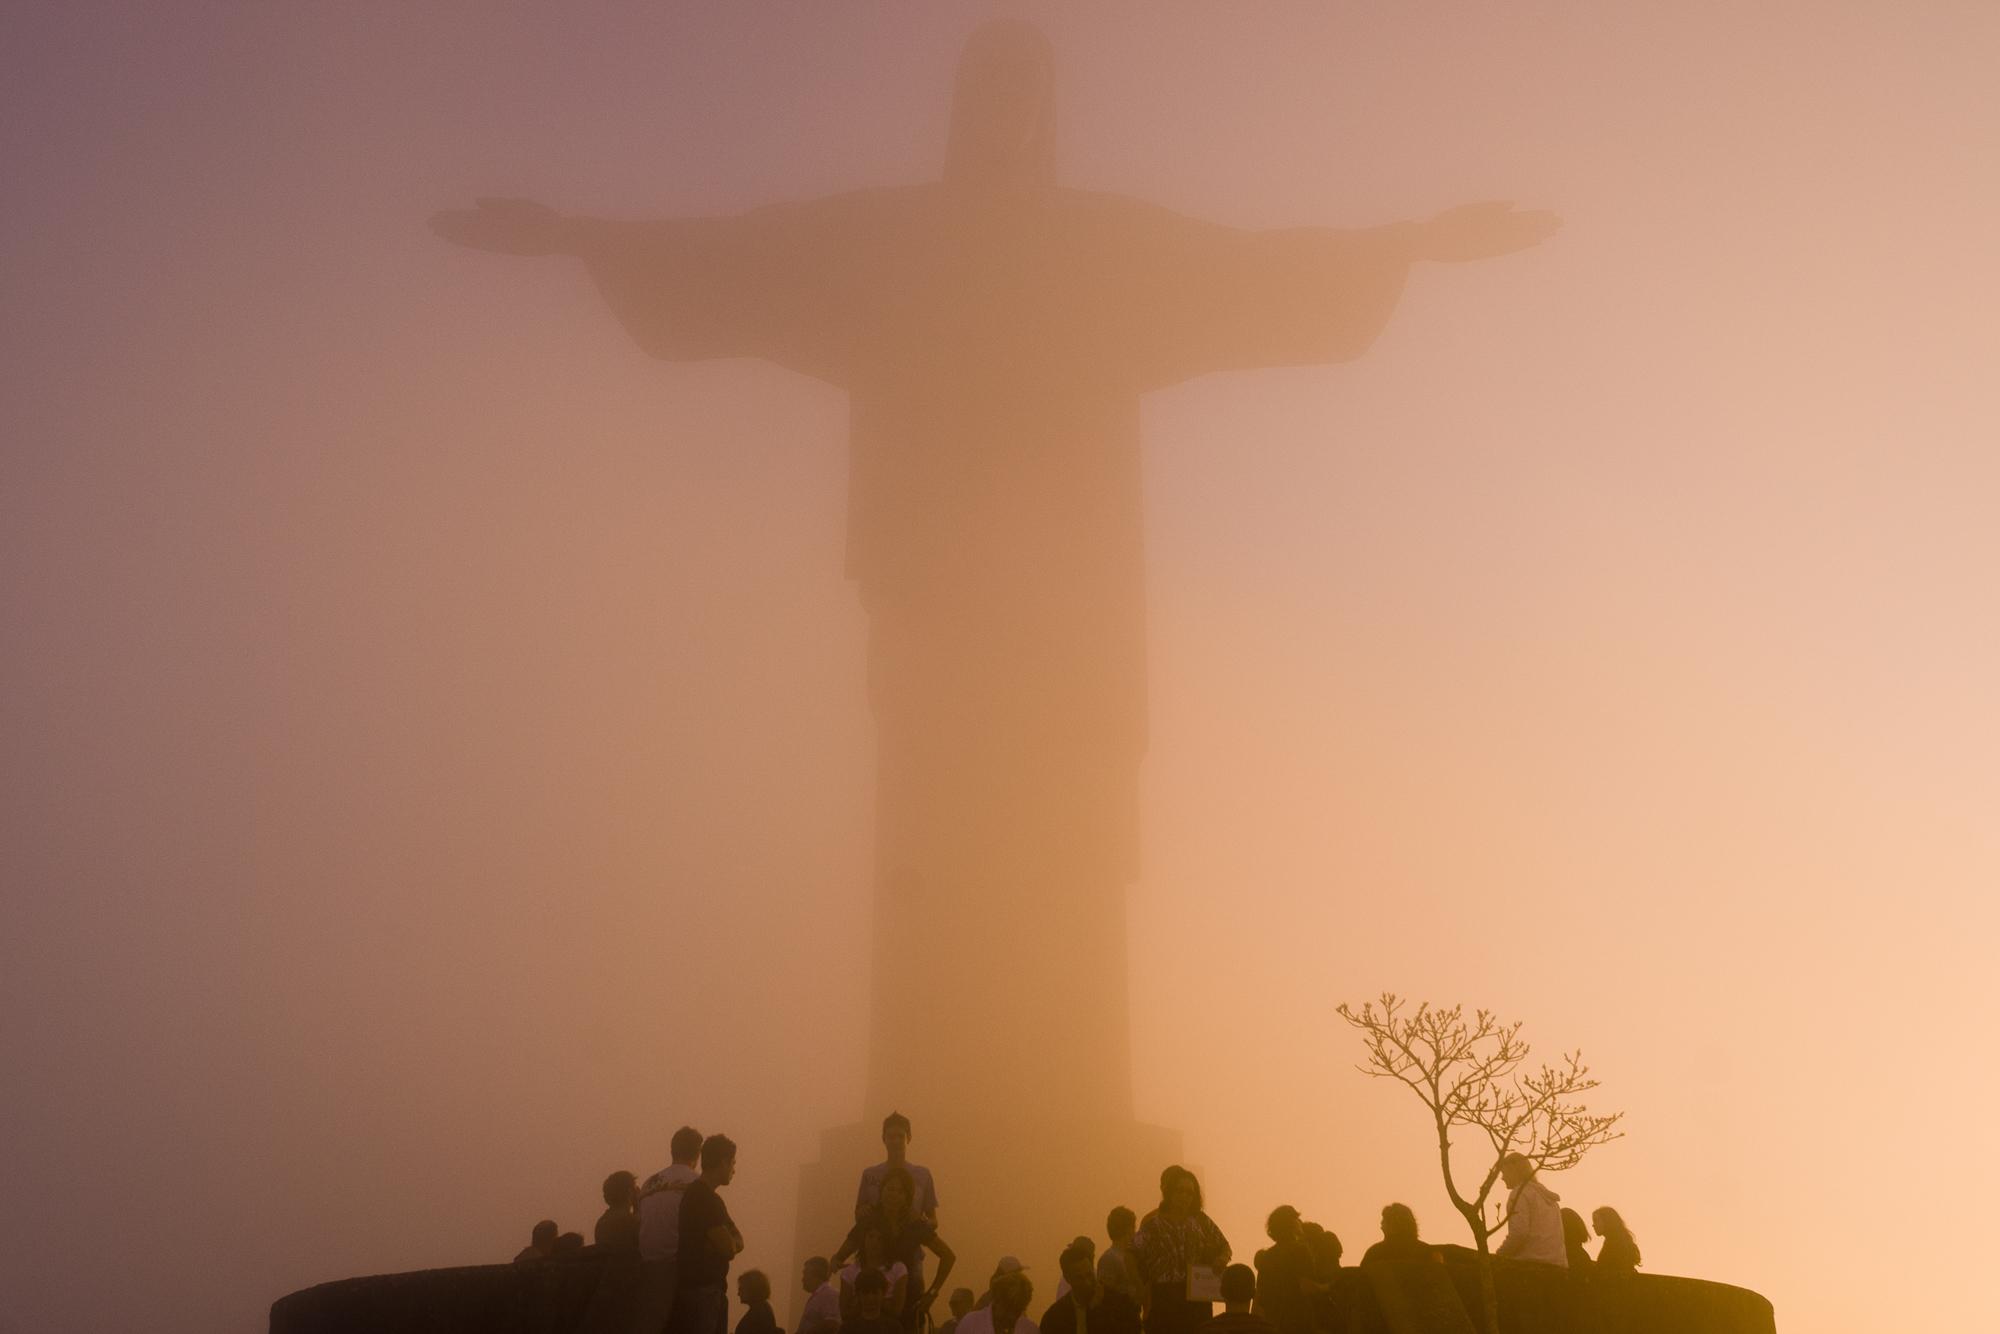 Cristo Reden  tor - Rio de Janeiro, Brazil  PHOTOGRAPHY: ALEXANDER J.E. BRADLEY •NIKON D200 • Nikon AF-NIKKOR 24mm Ƒ/2.8 D @Ƒ/7.1 •1/200 •ISO 100